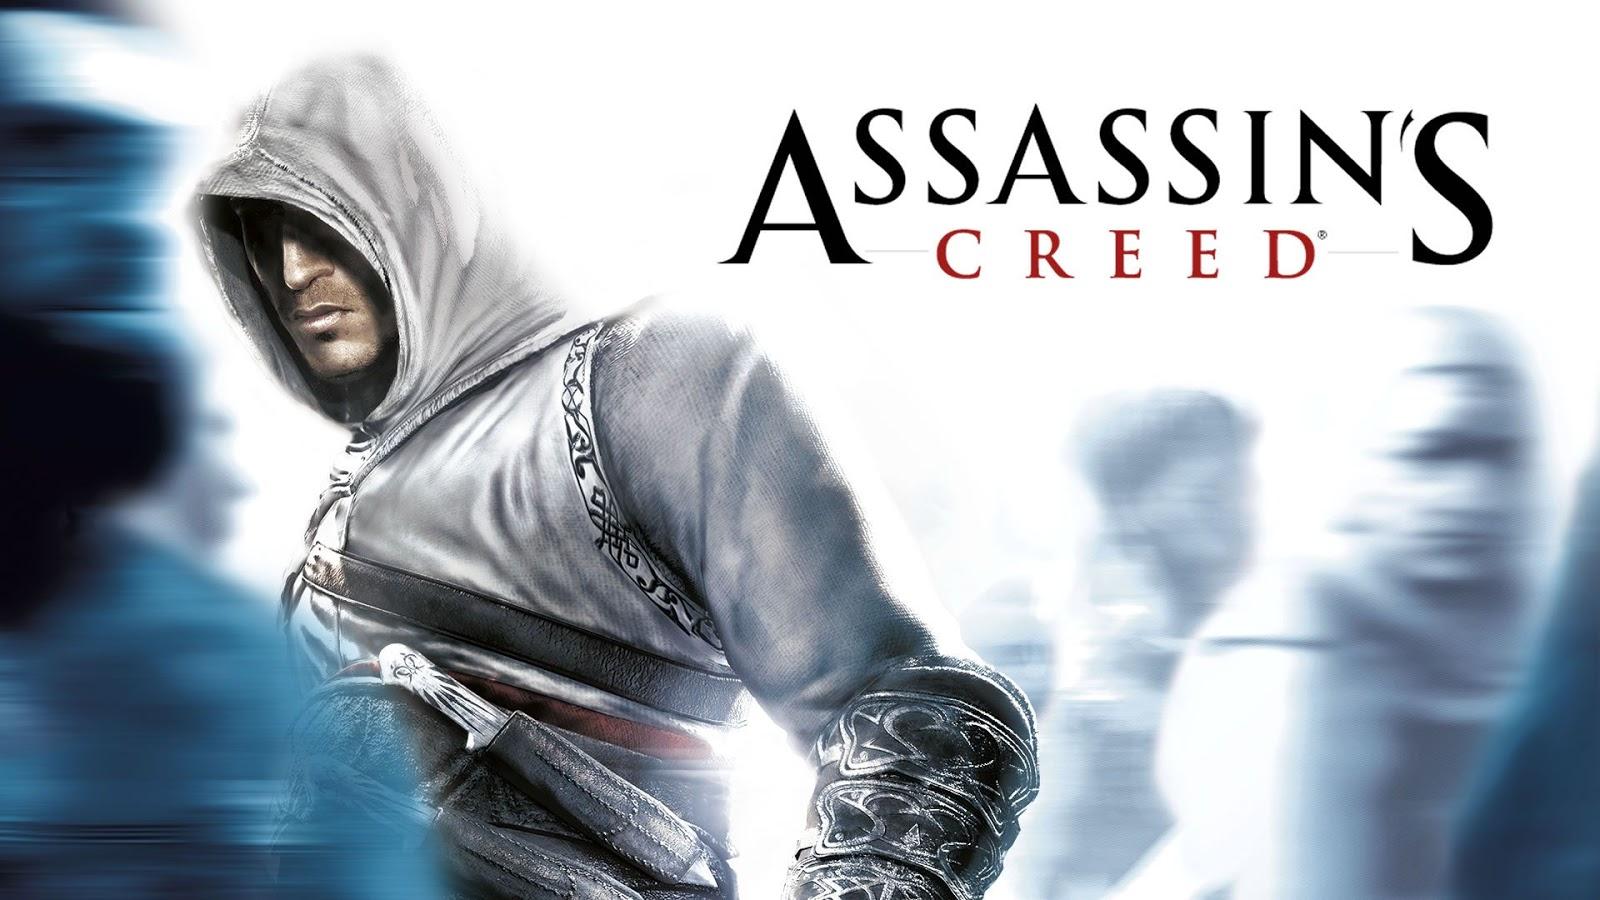 تحميل لعبة المغامرة والتسلل أساسينز كريد الجزء الأول - Assassin's Creed